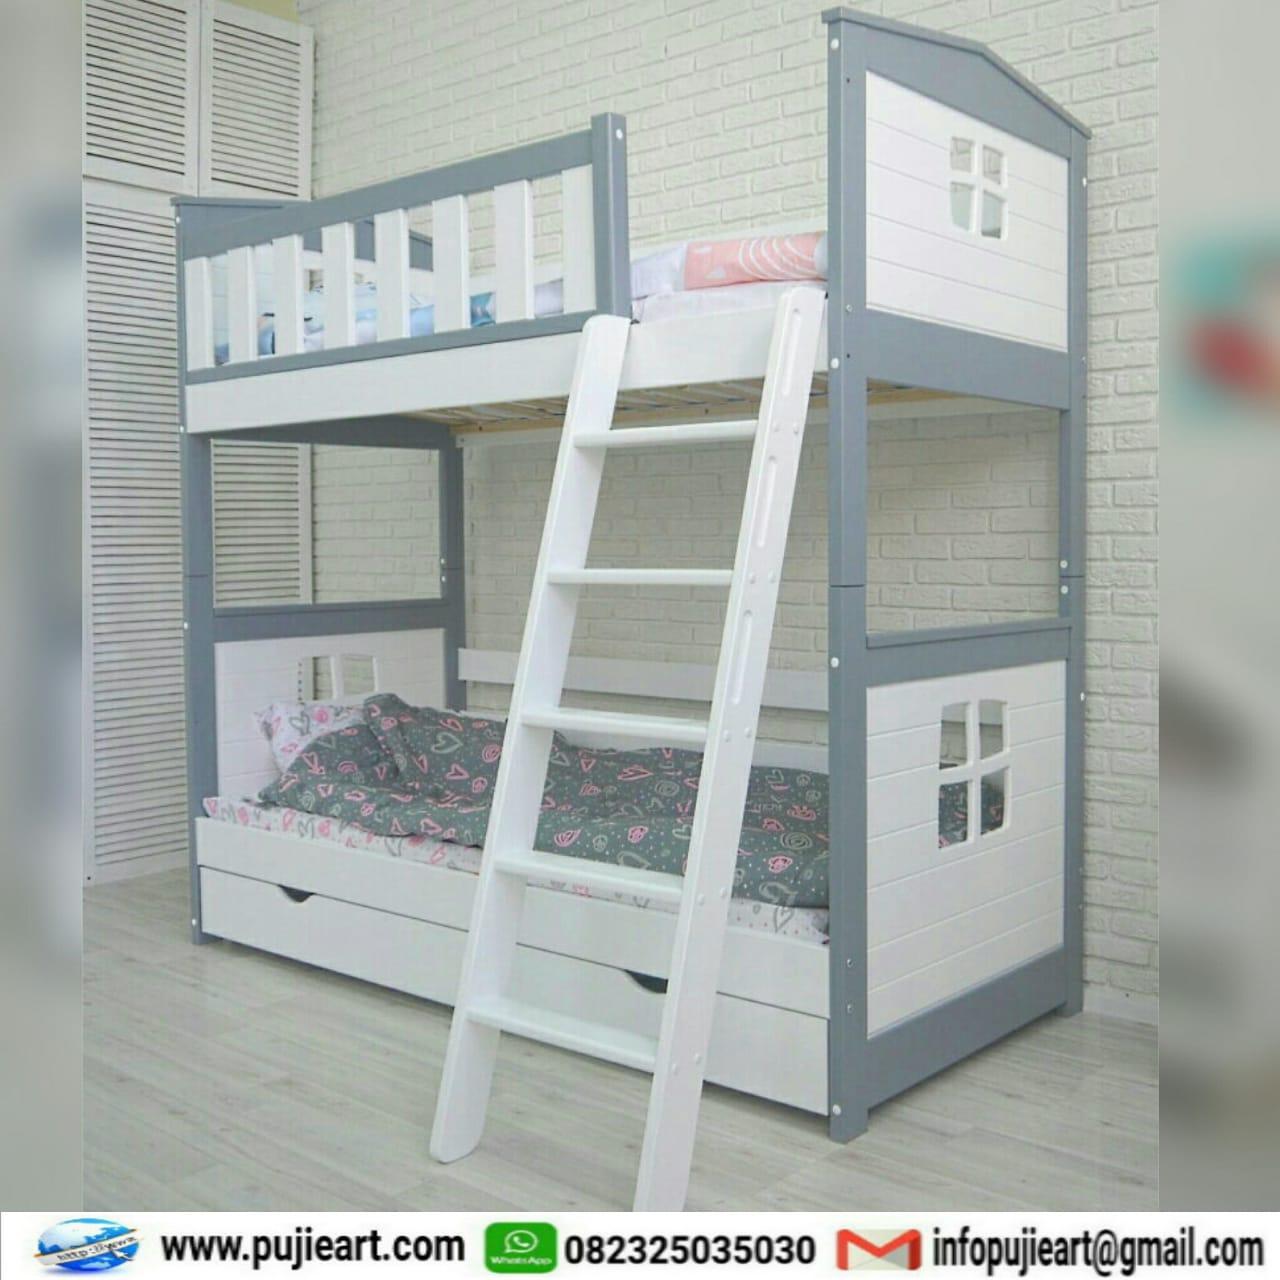 Desain Kamar Tidur Anak Tingkat